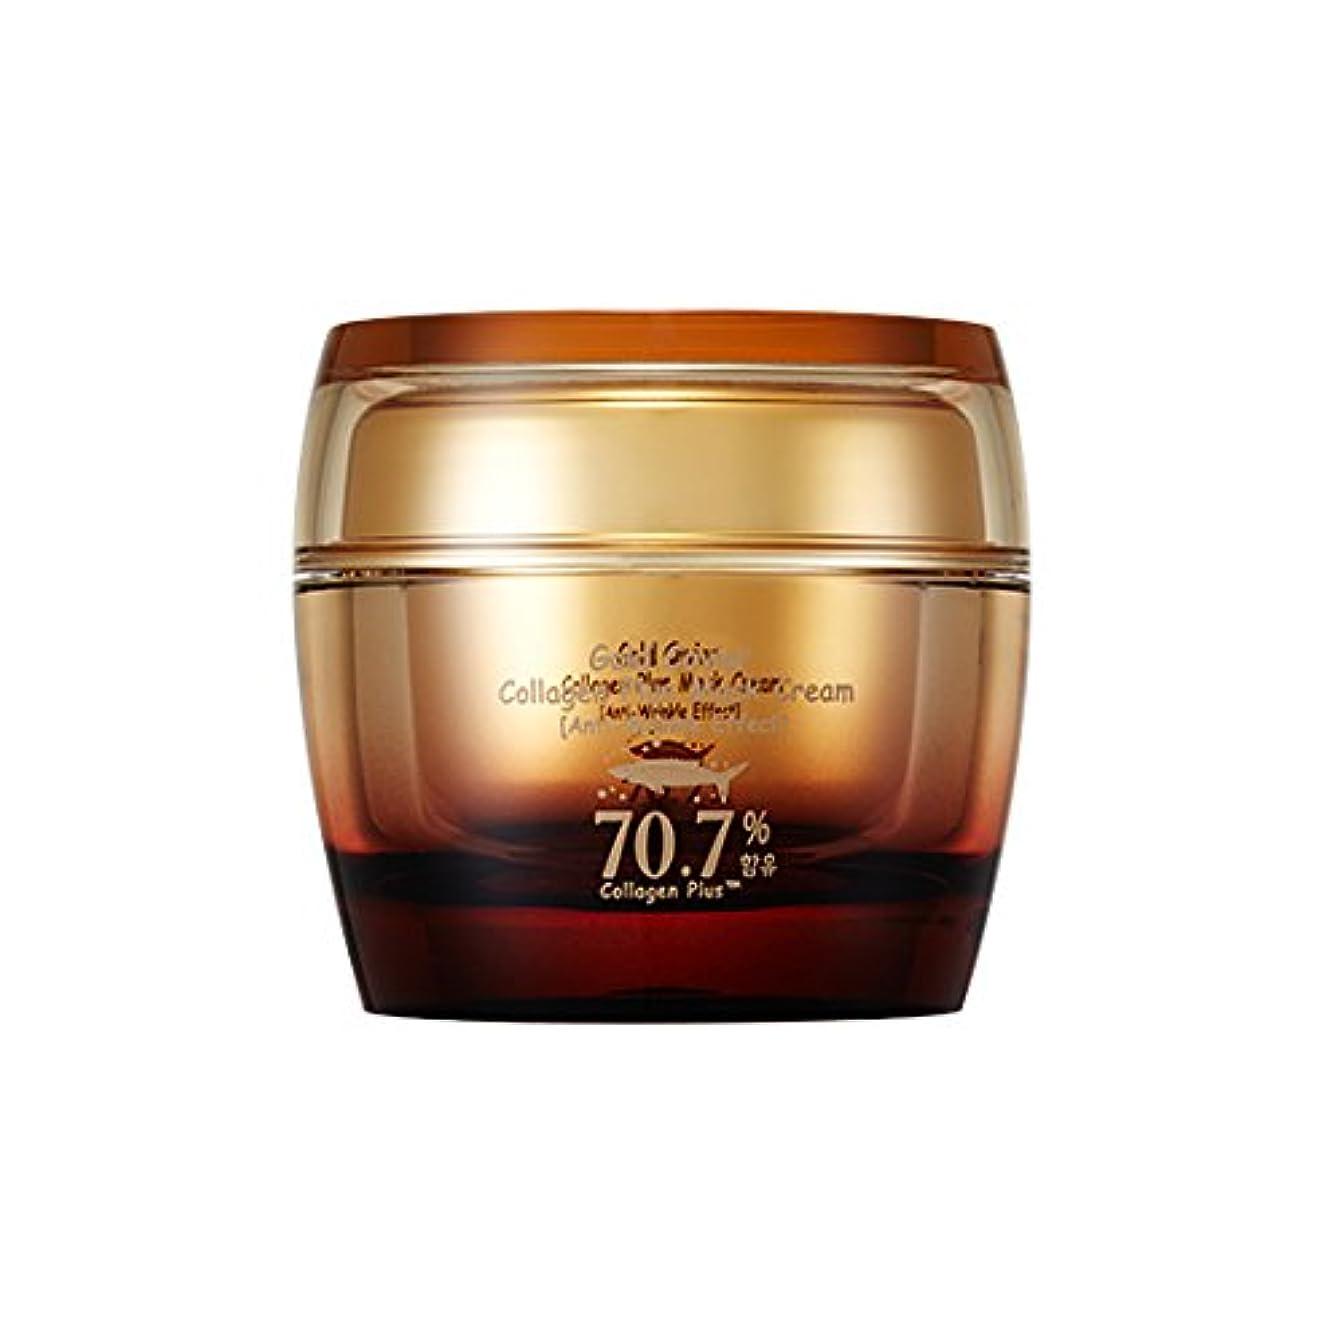 外出トーク合意Skinfood ゴールドキャビアコラーゲンプラスクリーム(しわ防止効果) / Gold Caviar Collagen Plus Cream (Anti-Wrinkle Effect) 50g [並行輸入品]